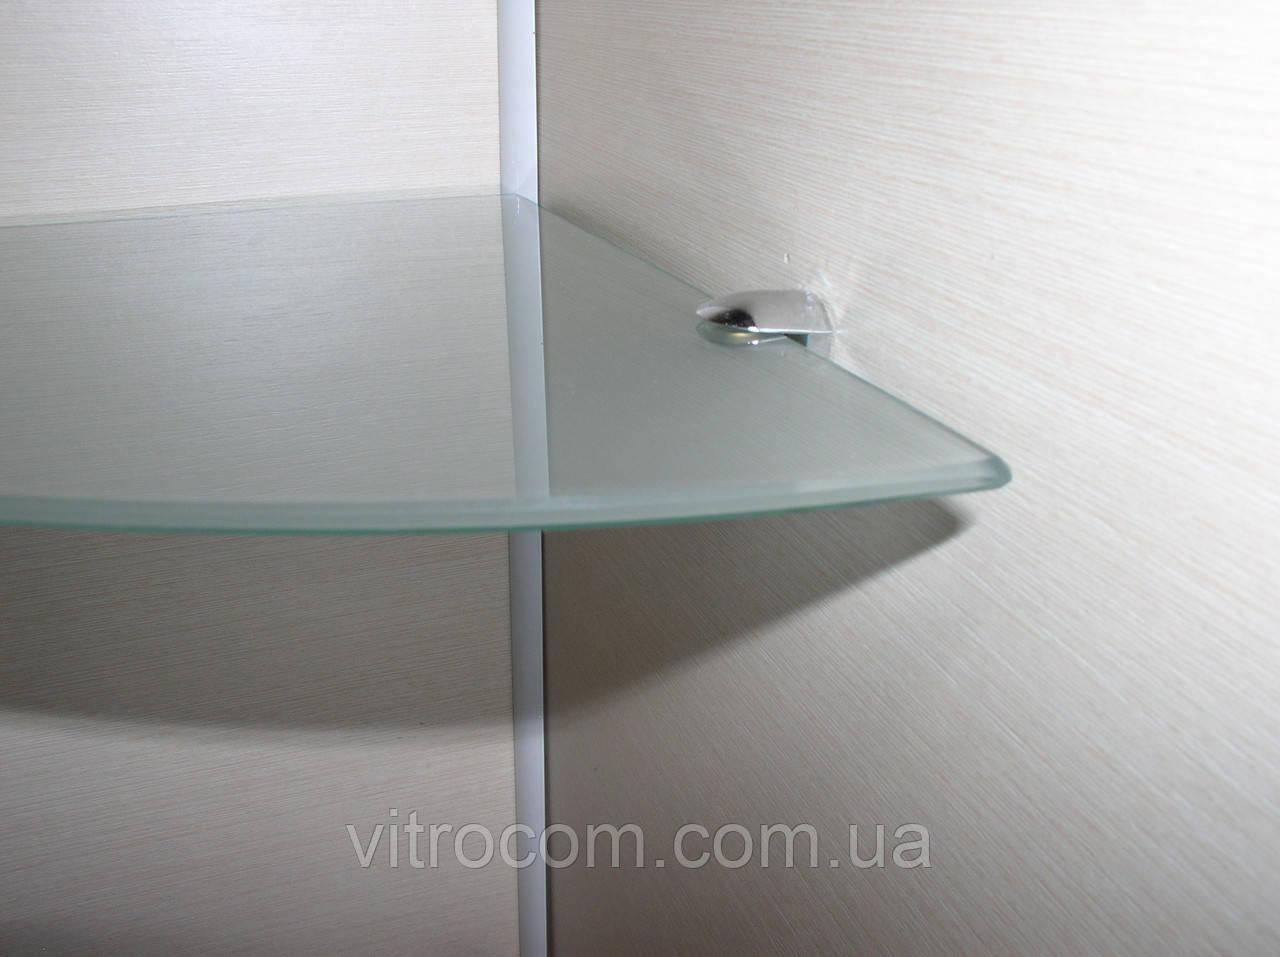 Полка стеклянная угловая 5 мм матовая 35 х 35 см